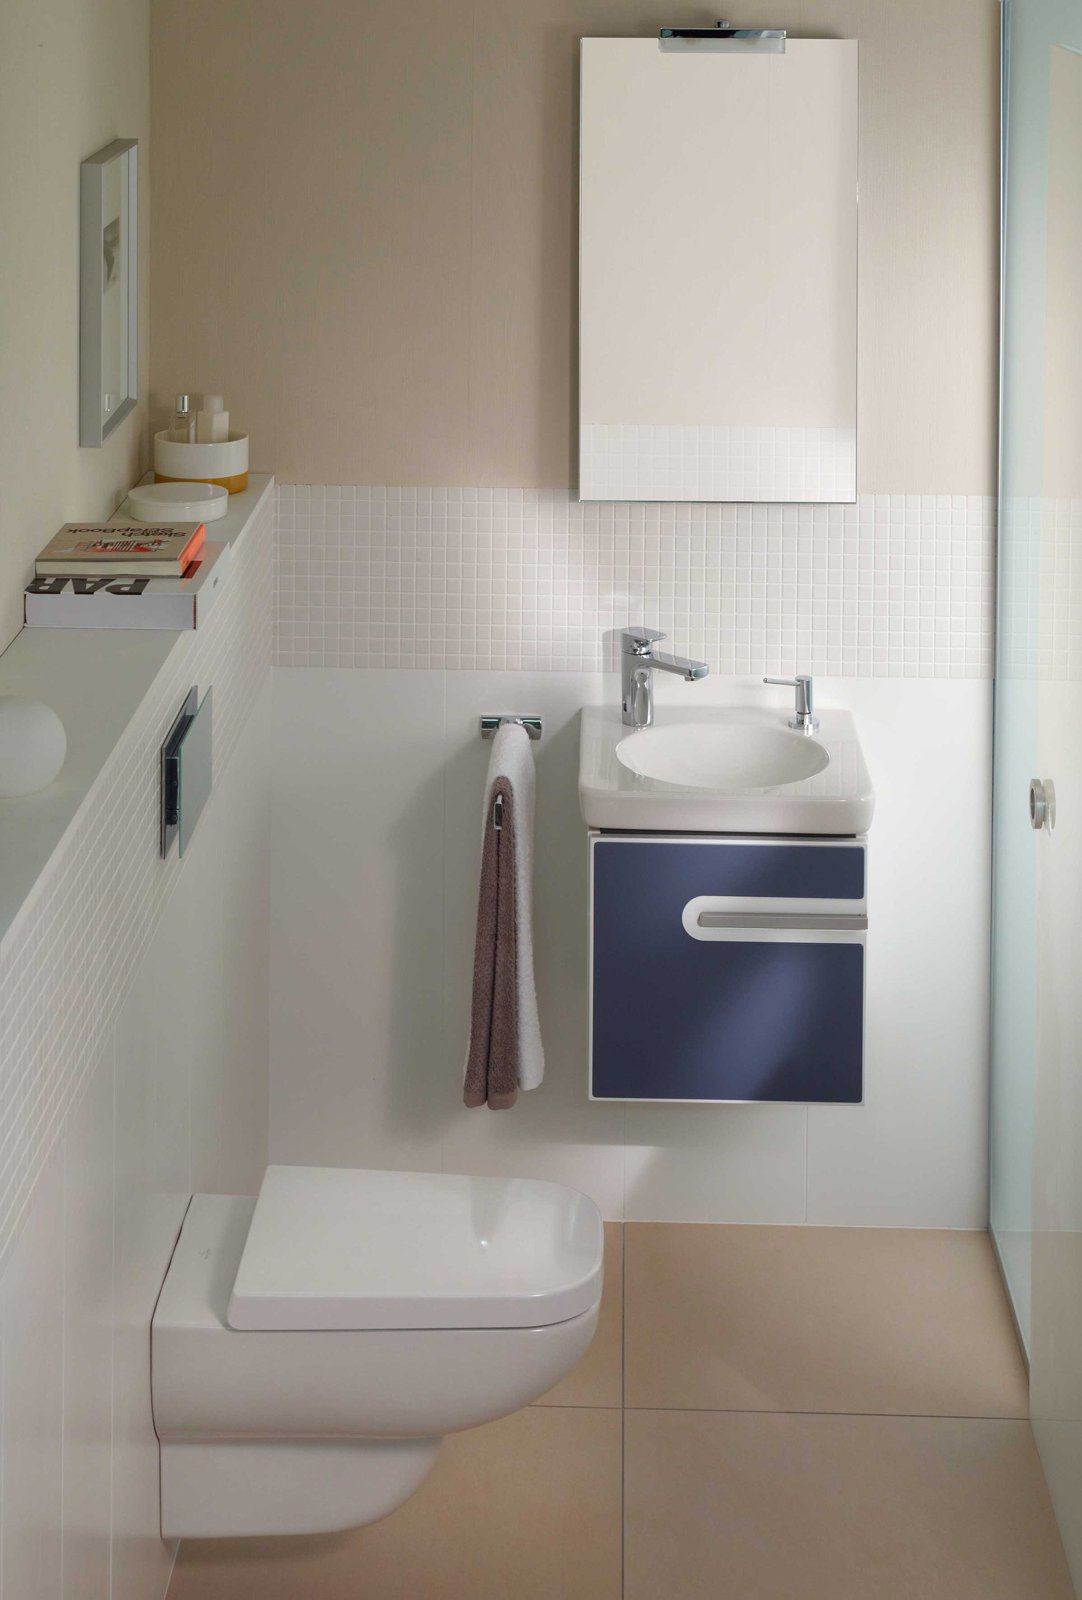 Bagno piccolo arredo componibile e salvaspazio cose di casa - Ikea bagno piccolo ...